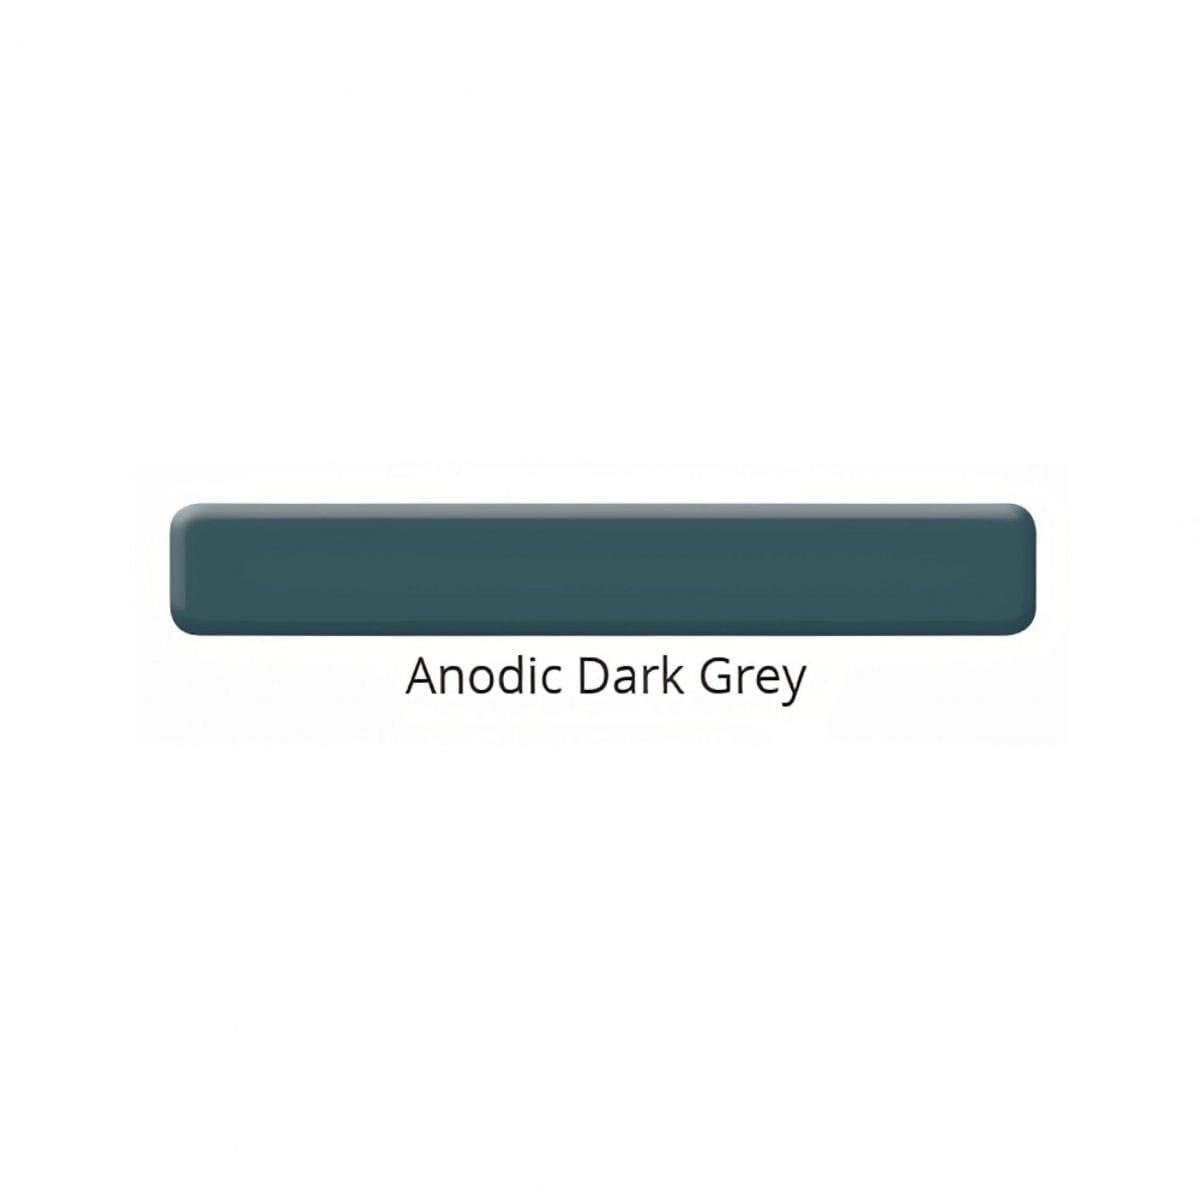 Anodic Dark grey color